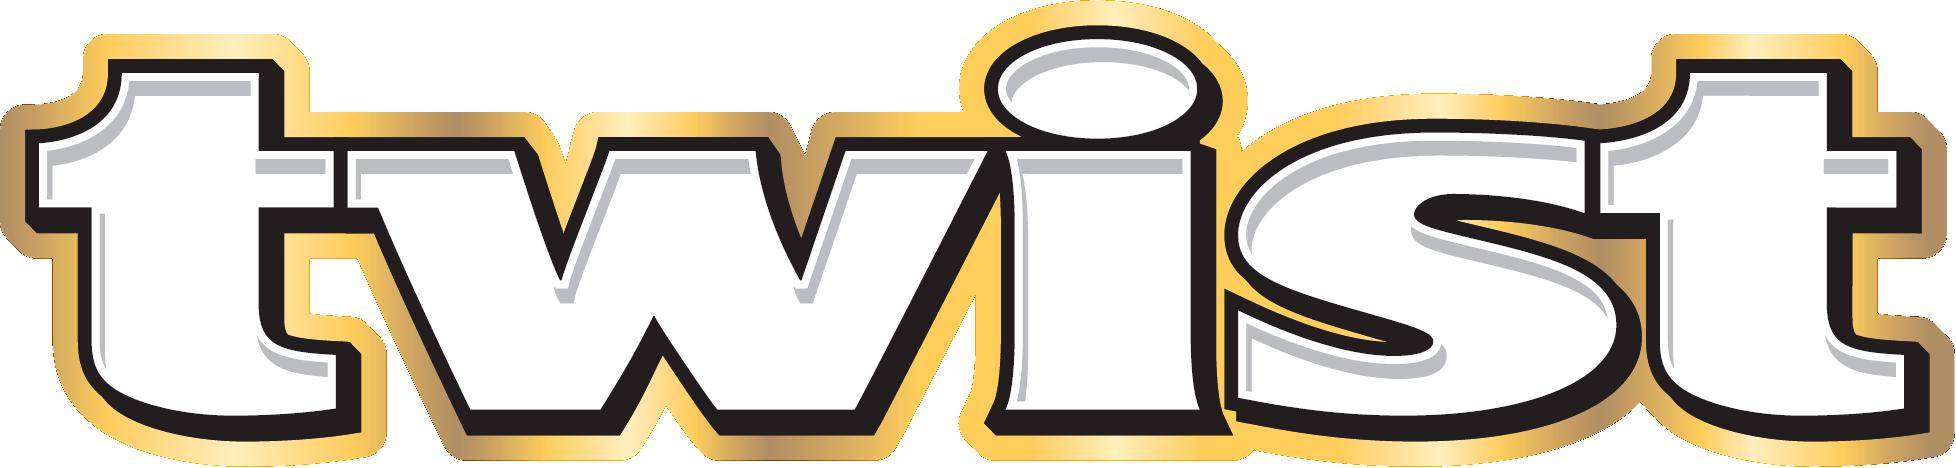 Download Logos likewise Tim Burton Critica Peliculas De Superheroes Y Vaticina Su Pronta Desaparicion 9620 also lunchablesparents also Oscar Mayer Coupon likewise Oscar. on oscar mayer logo